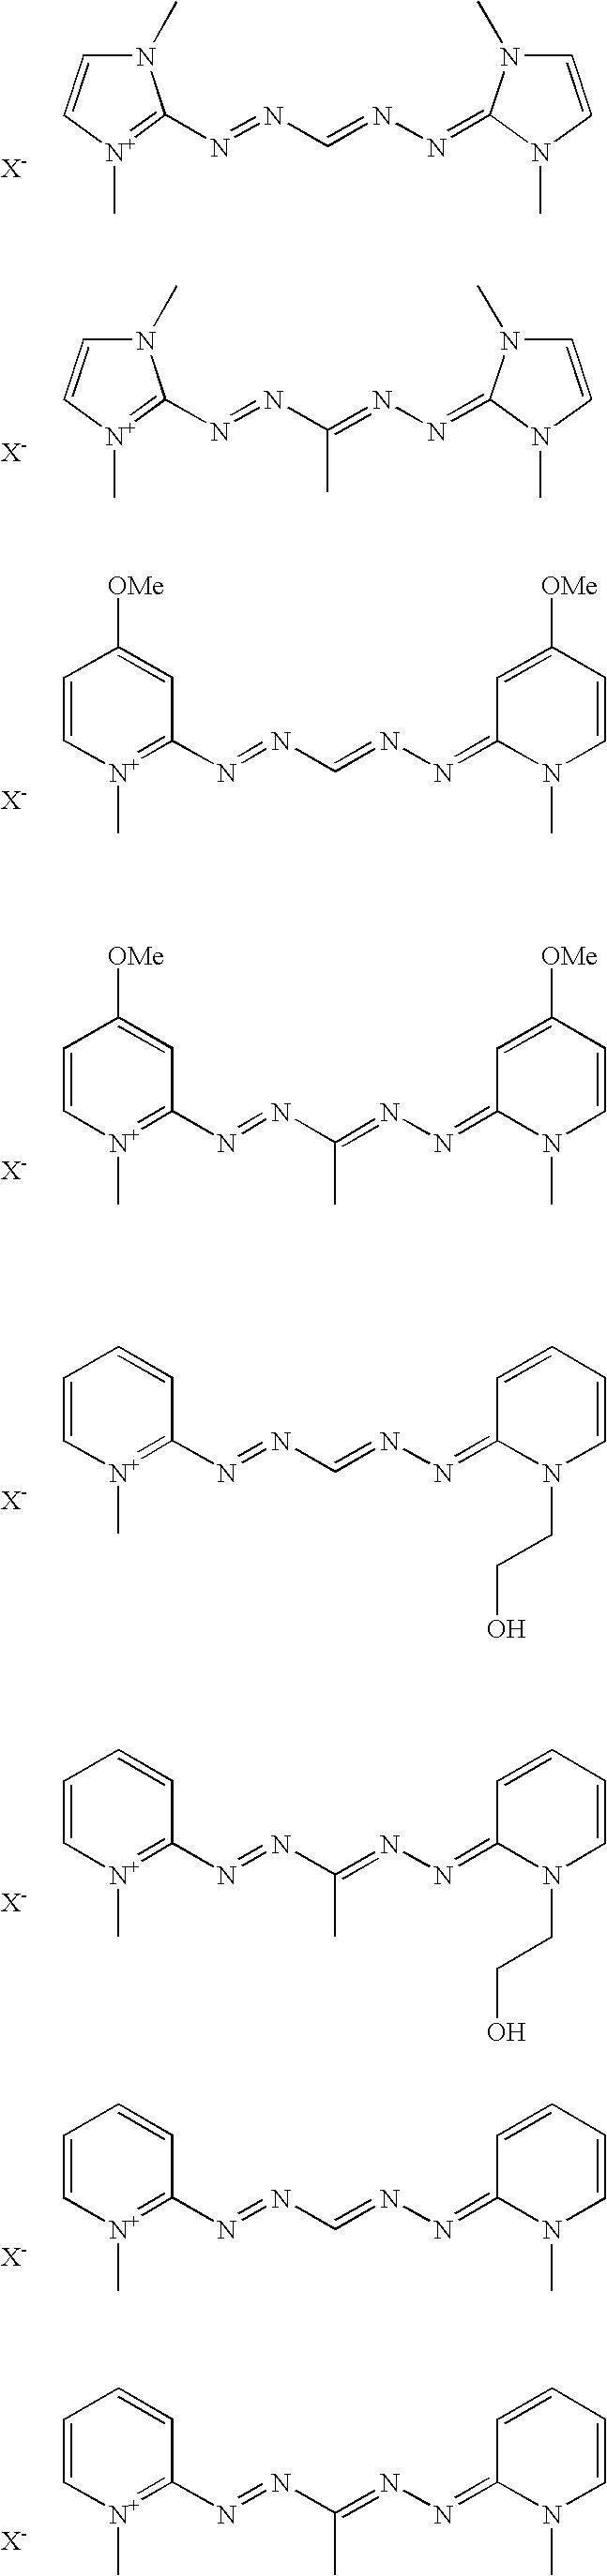 Figure US07918902-20110405-C00016